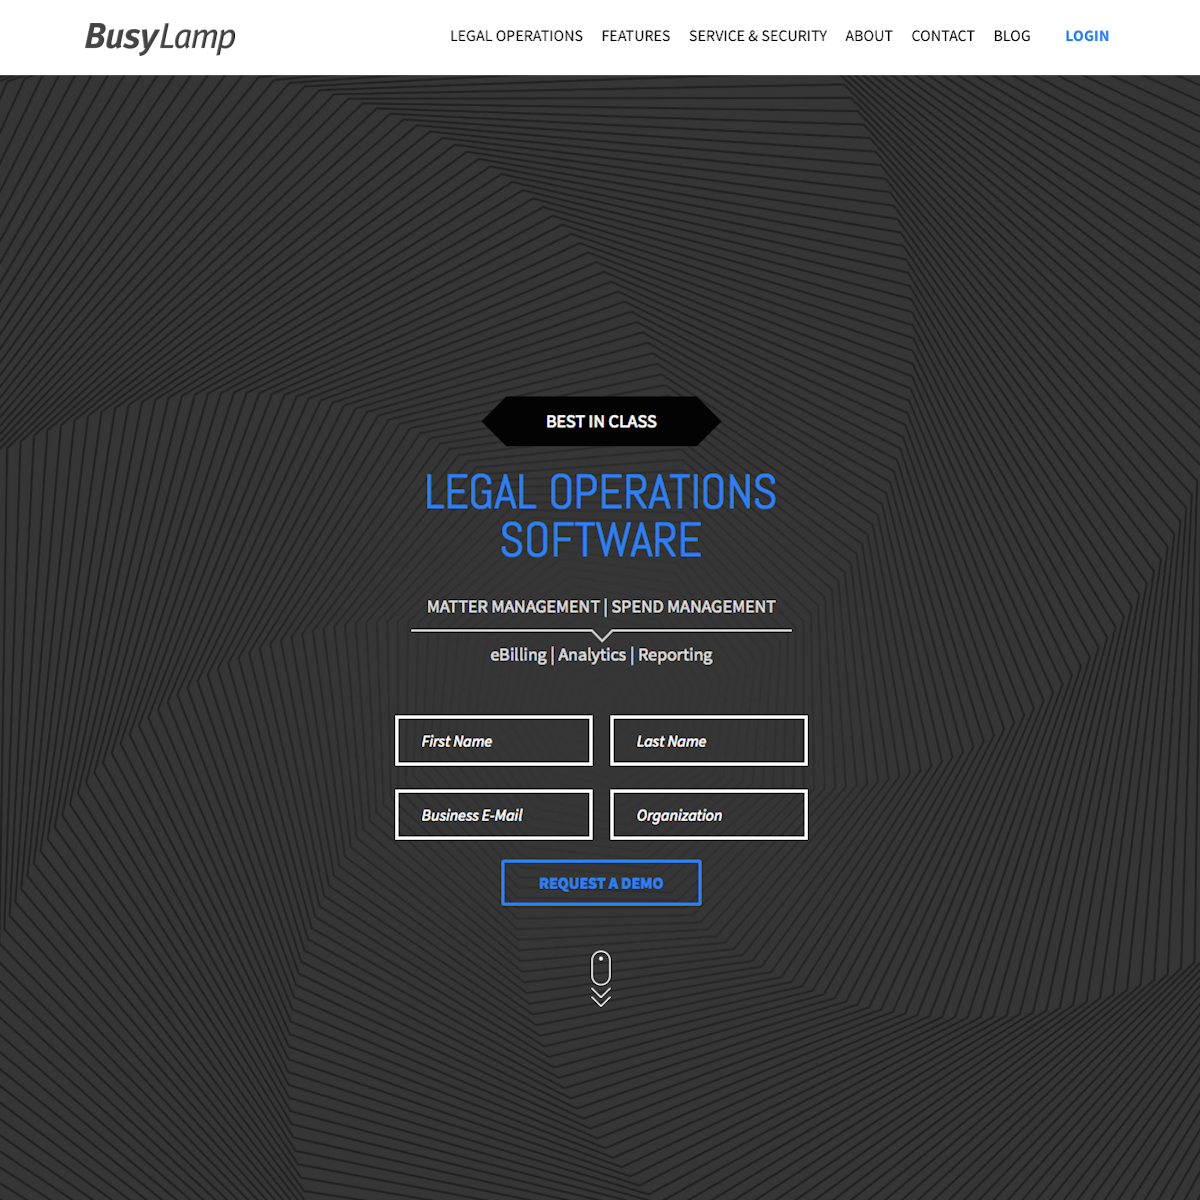 BusyLamp